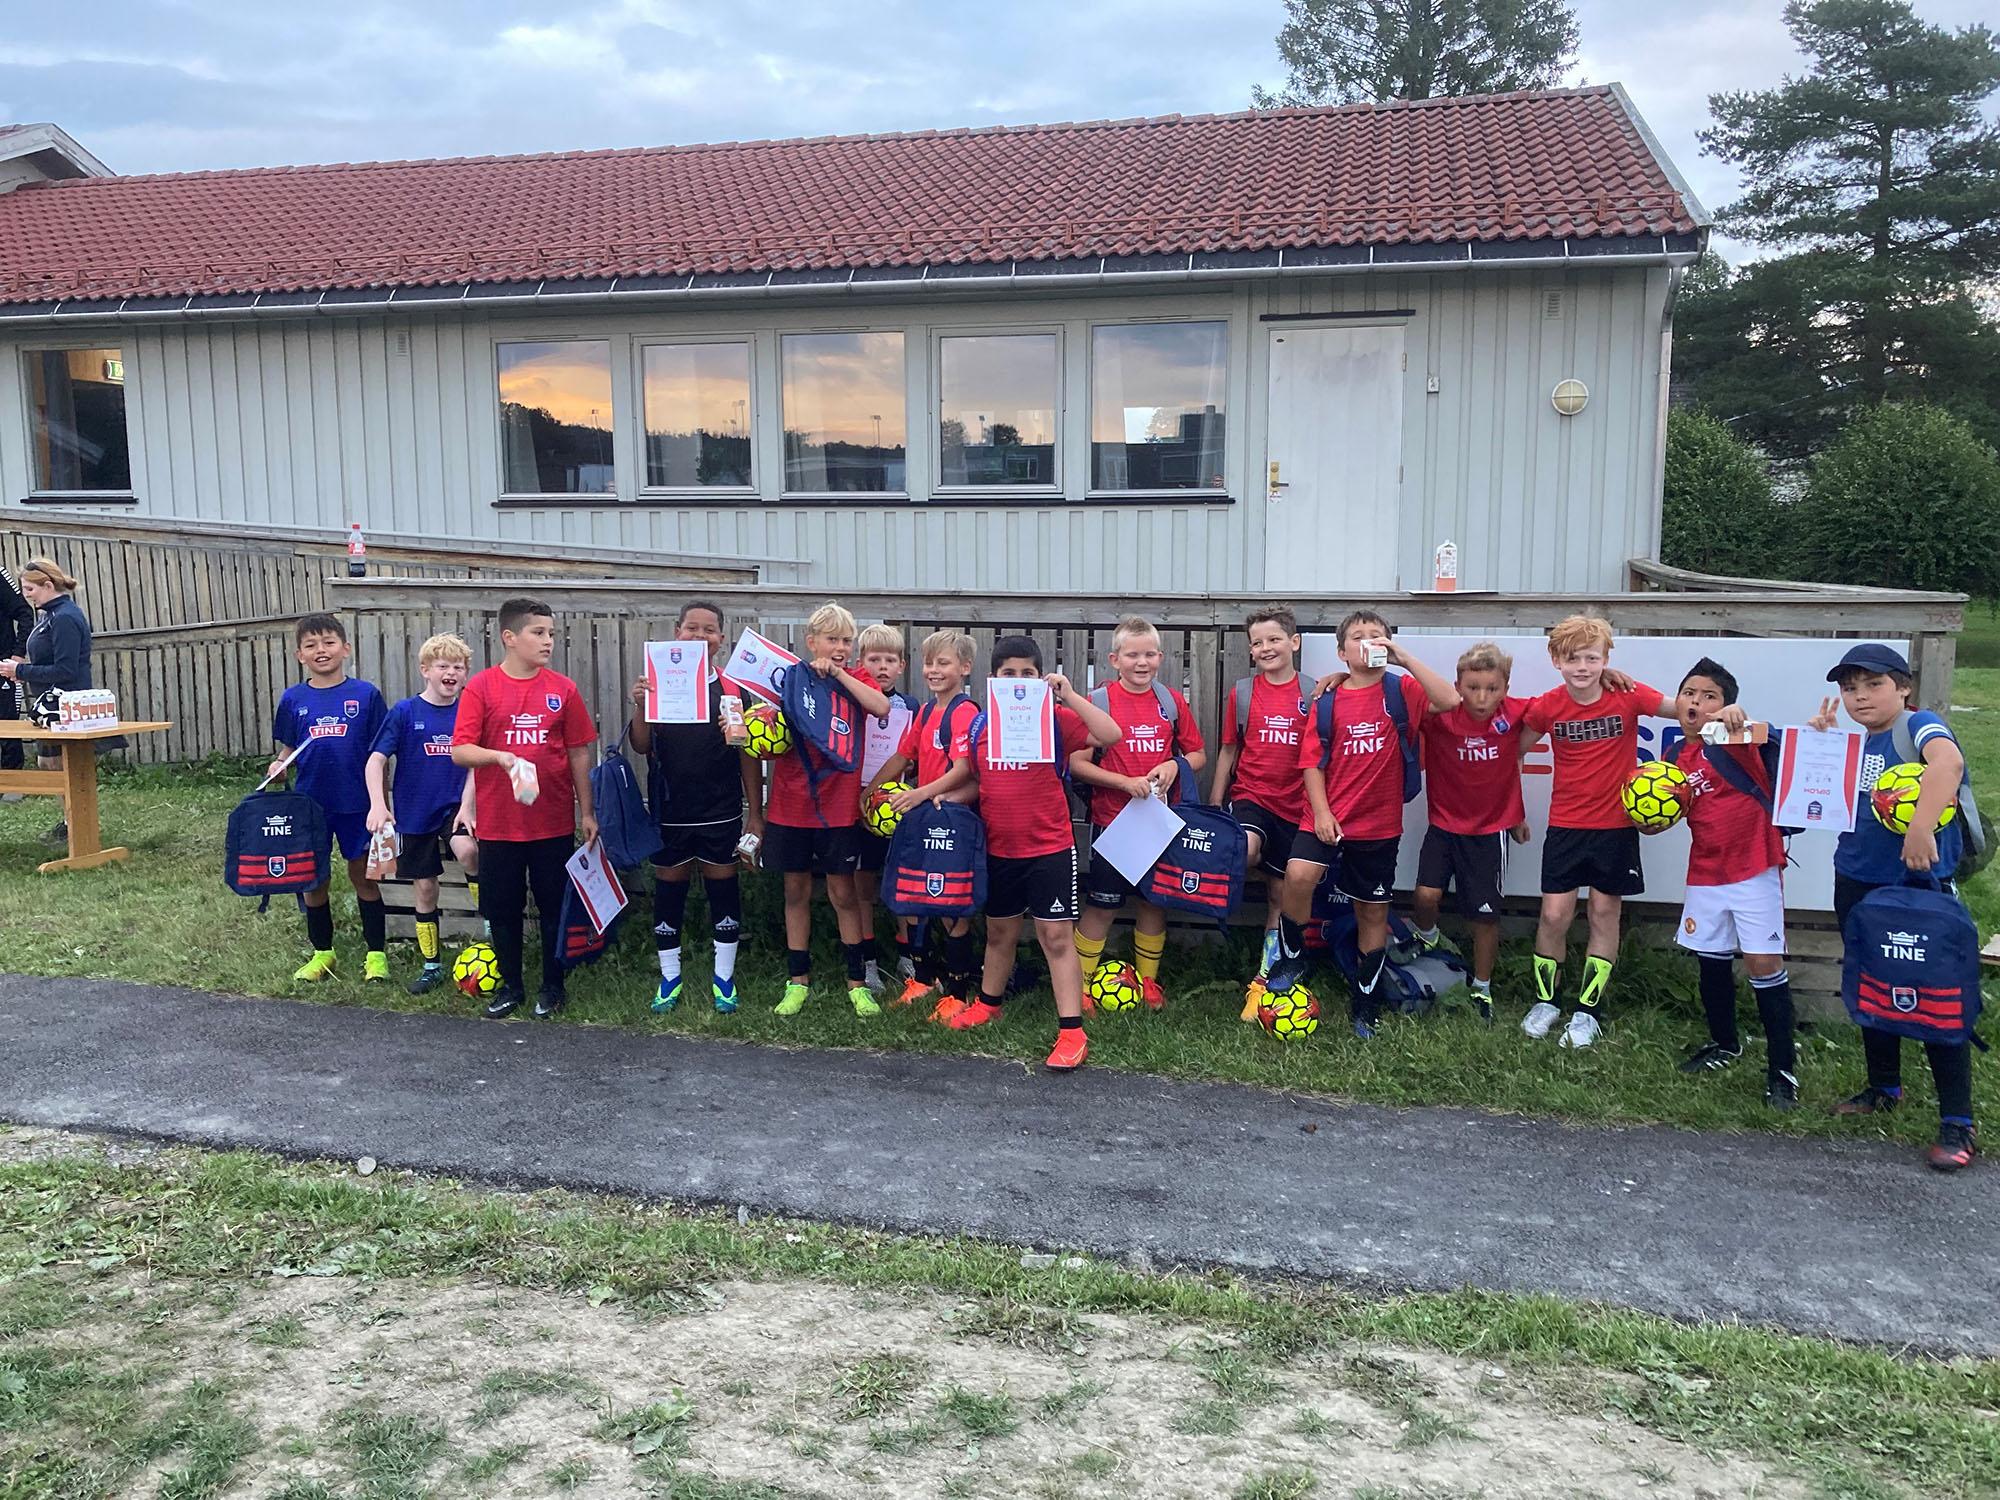 Årets «Tine fotballskole» ble en stor suksess!